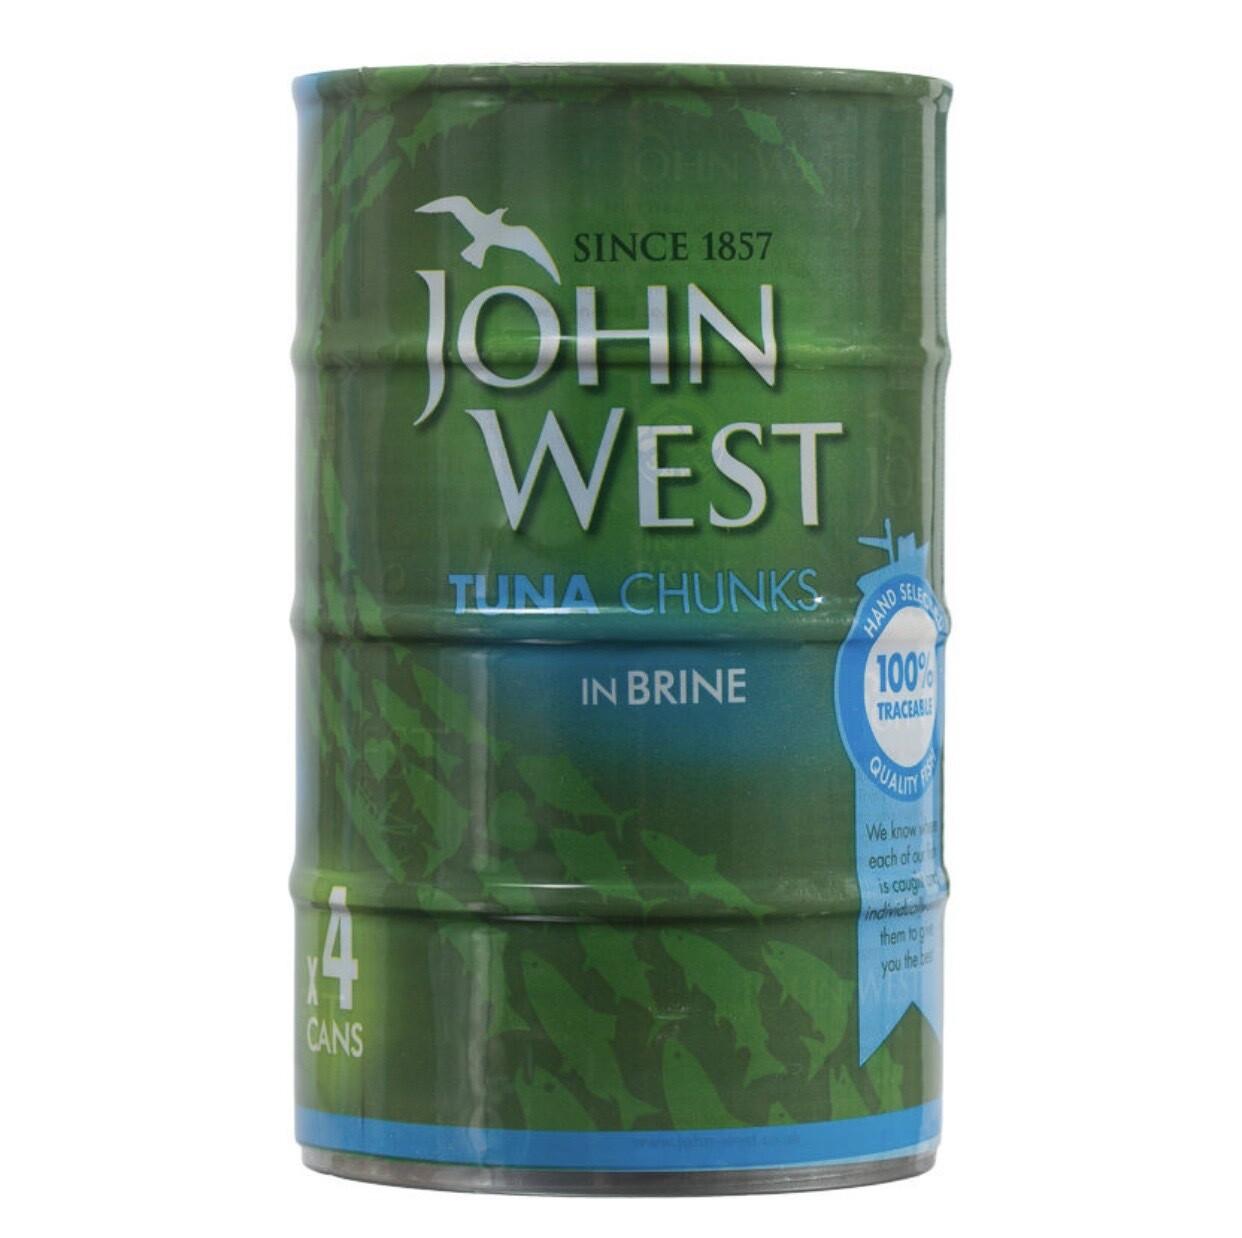 John West Tuna Chunks in Brine 4 x 132g